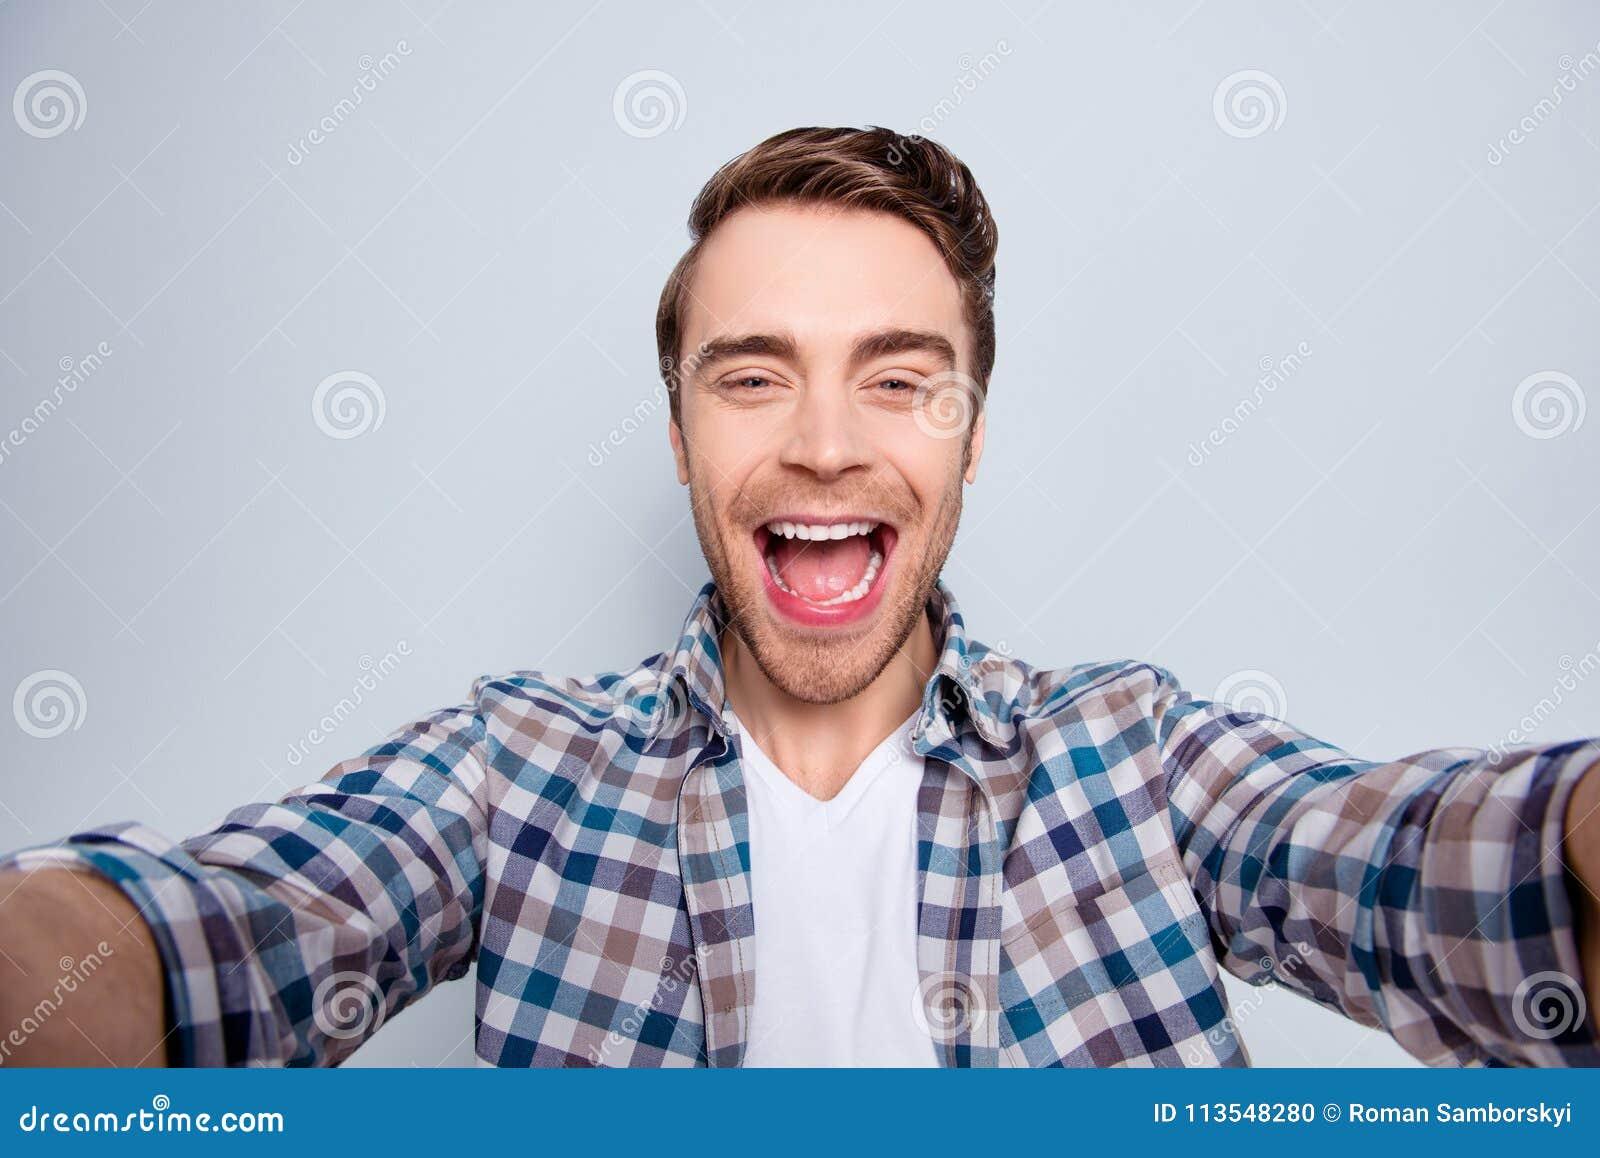 Autorretrato do indivíduo farpado, alegre, engraçado, feliz no ocasional